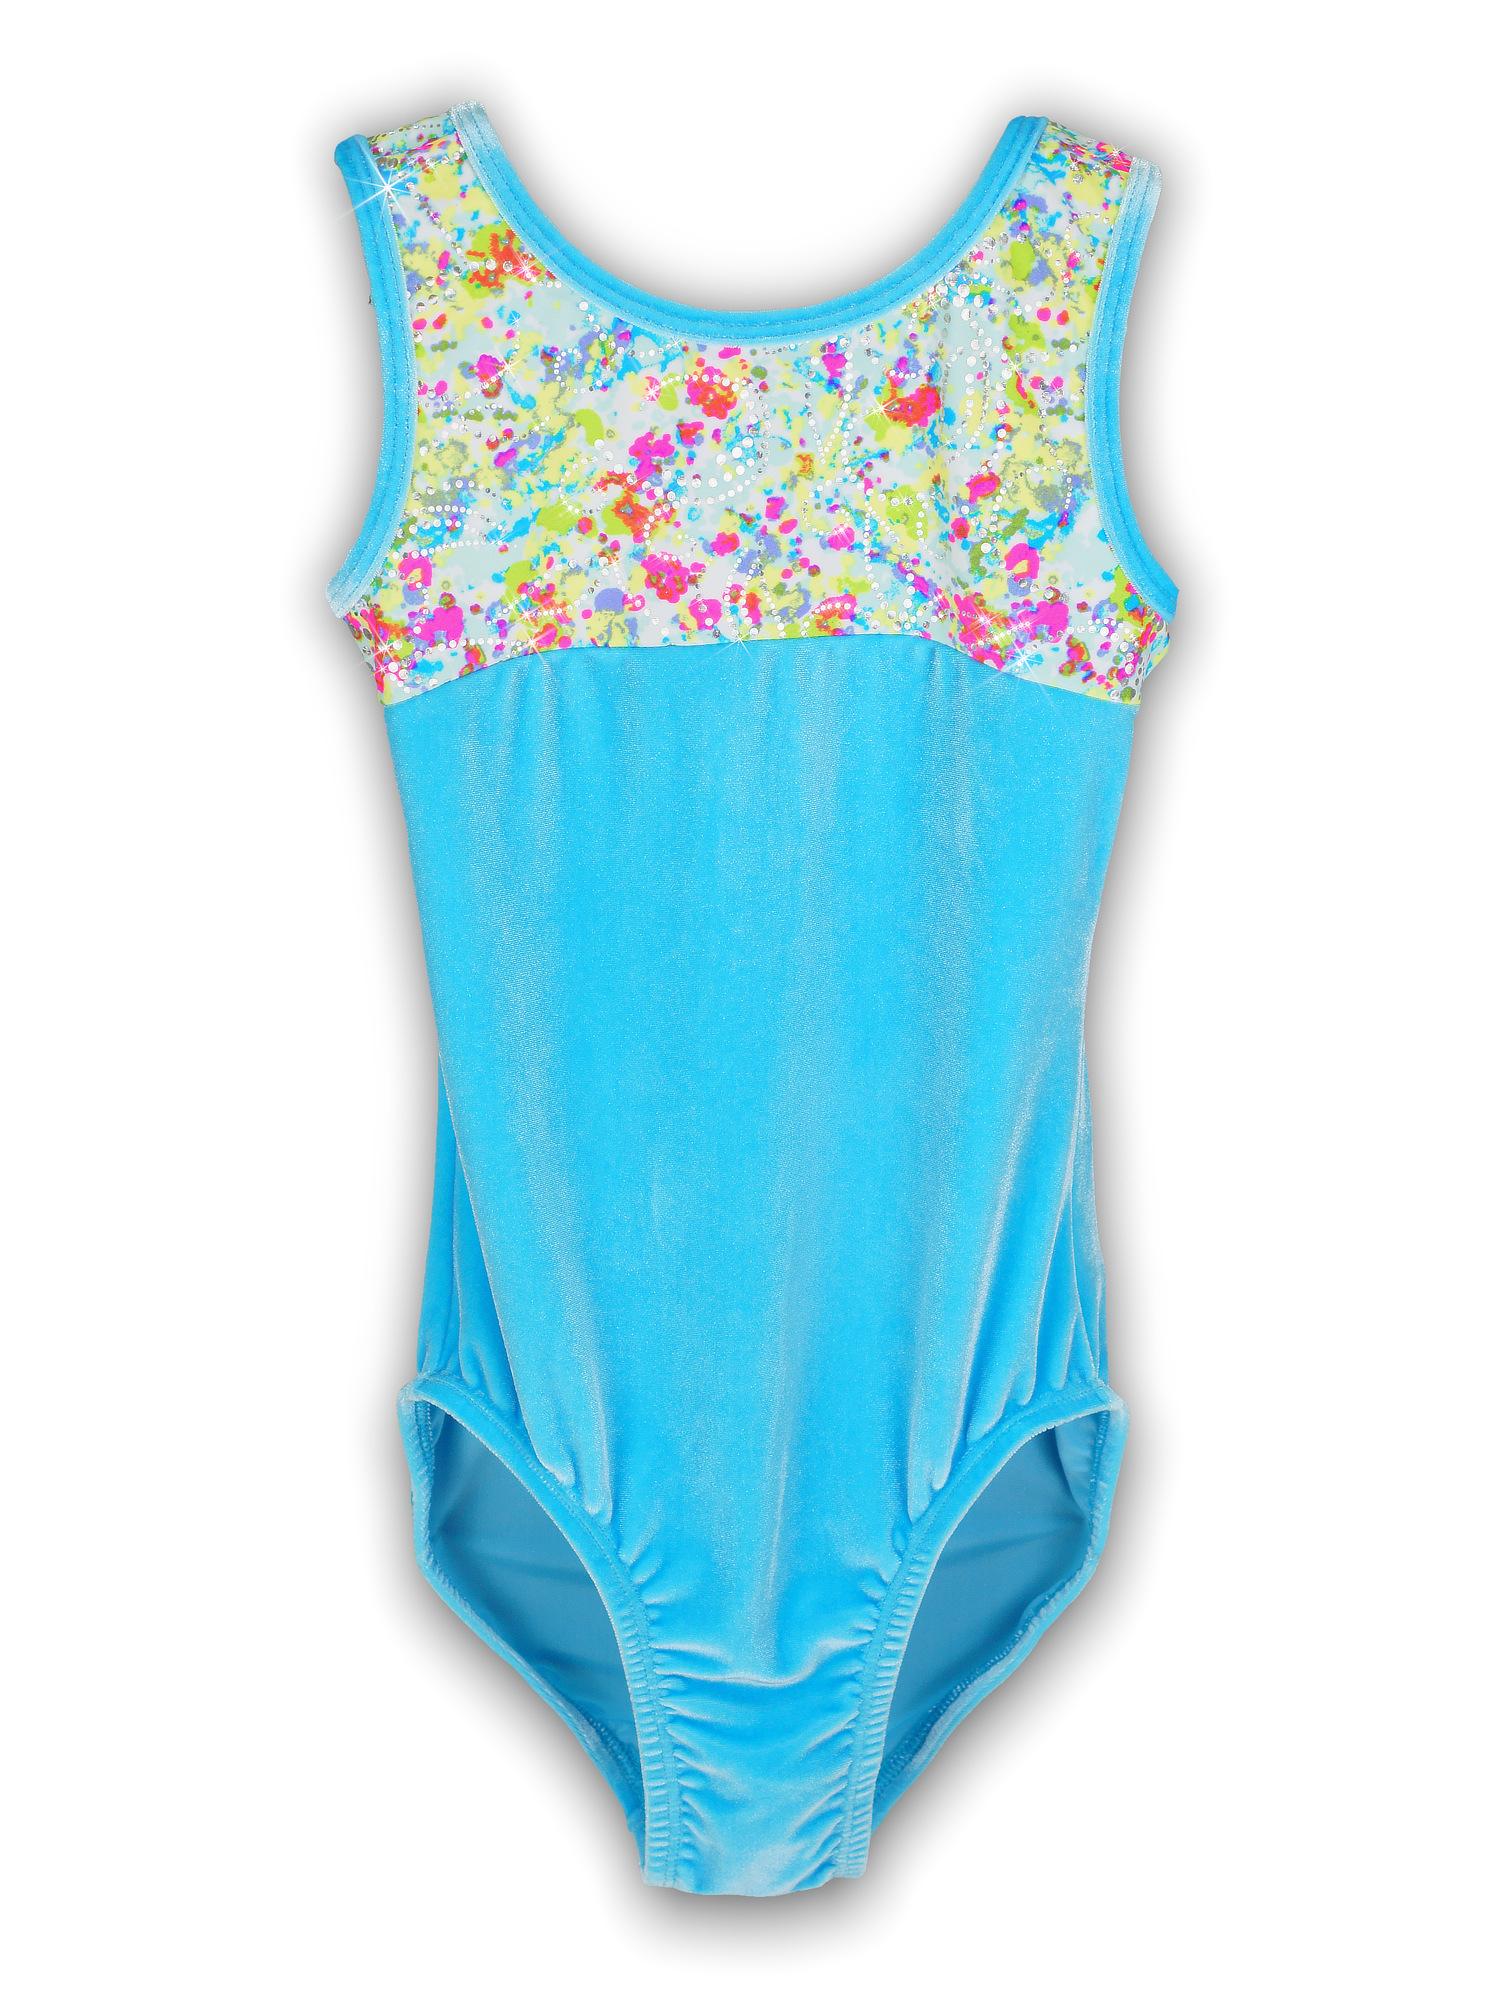 Gymnastics Leotard for Girls - Iceberg Velvet Pastel - Leap Gear by Pelle - 6 | Child Medium